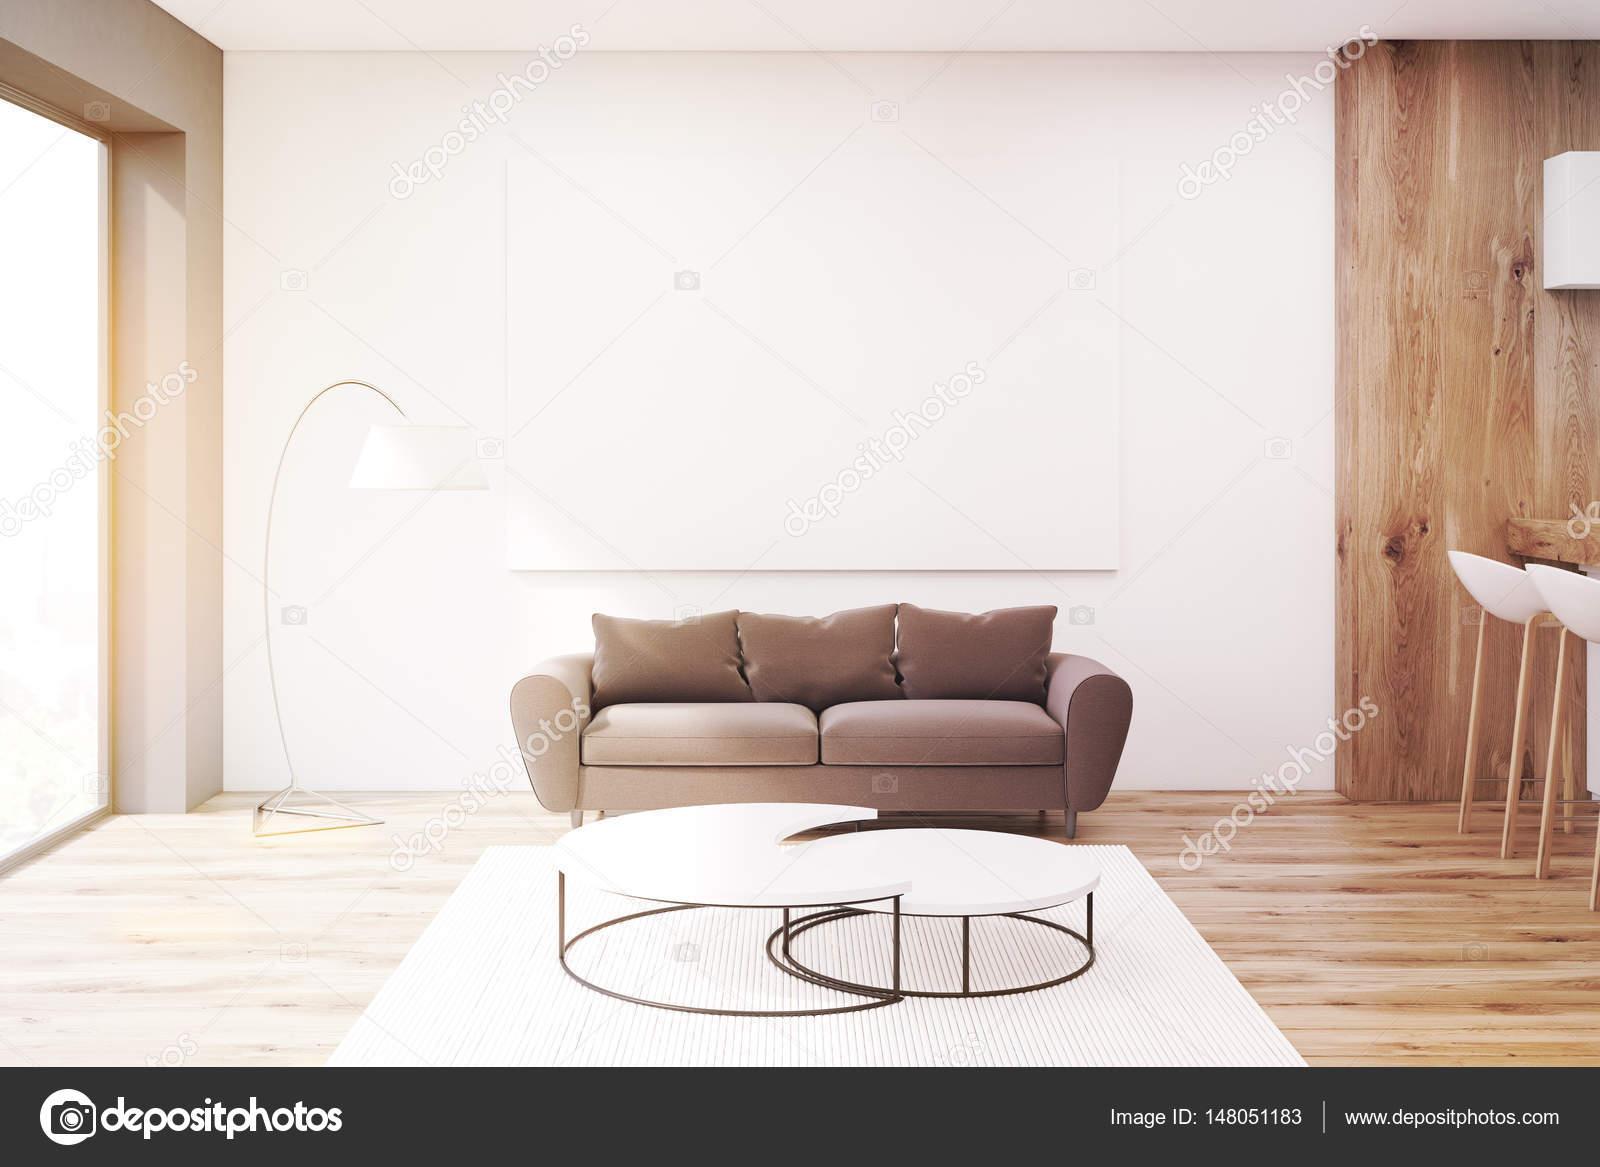 Wohnzimmer Mit Braunen Sofa Getont Stockfoto C Denisismagilov